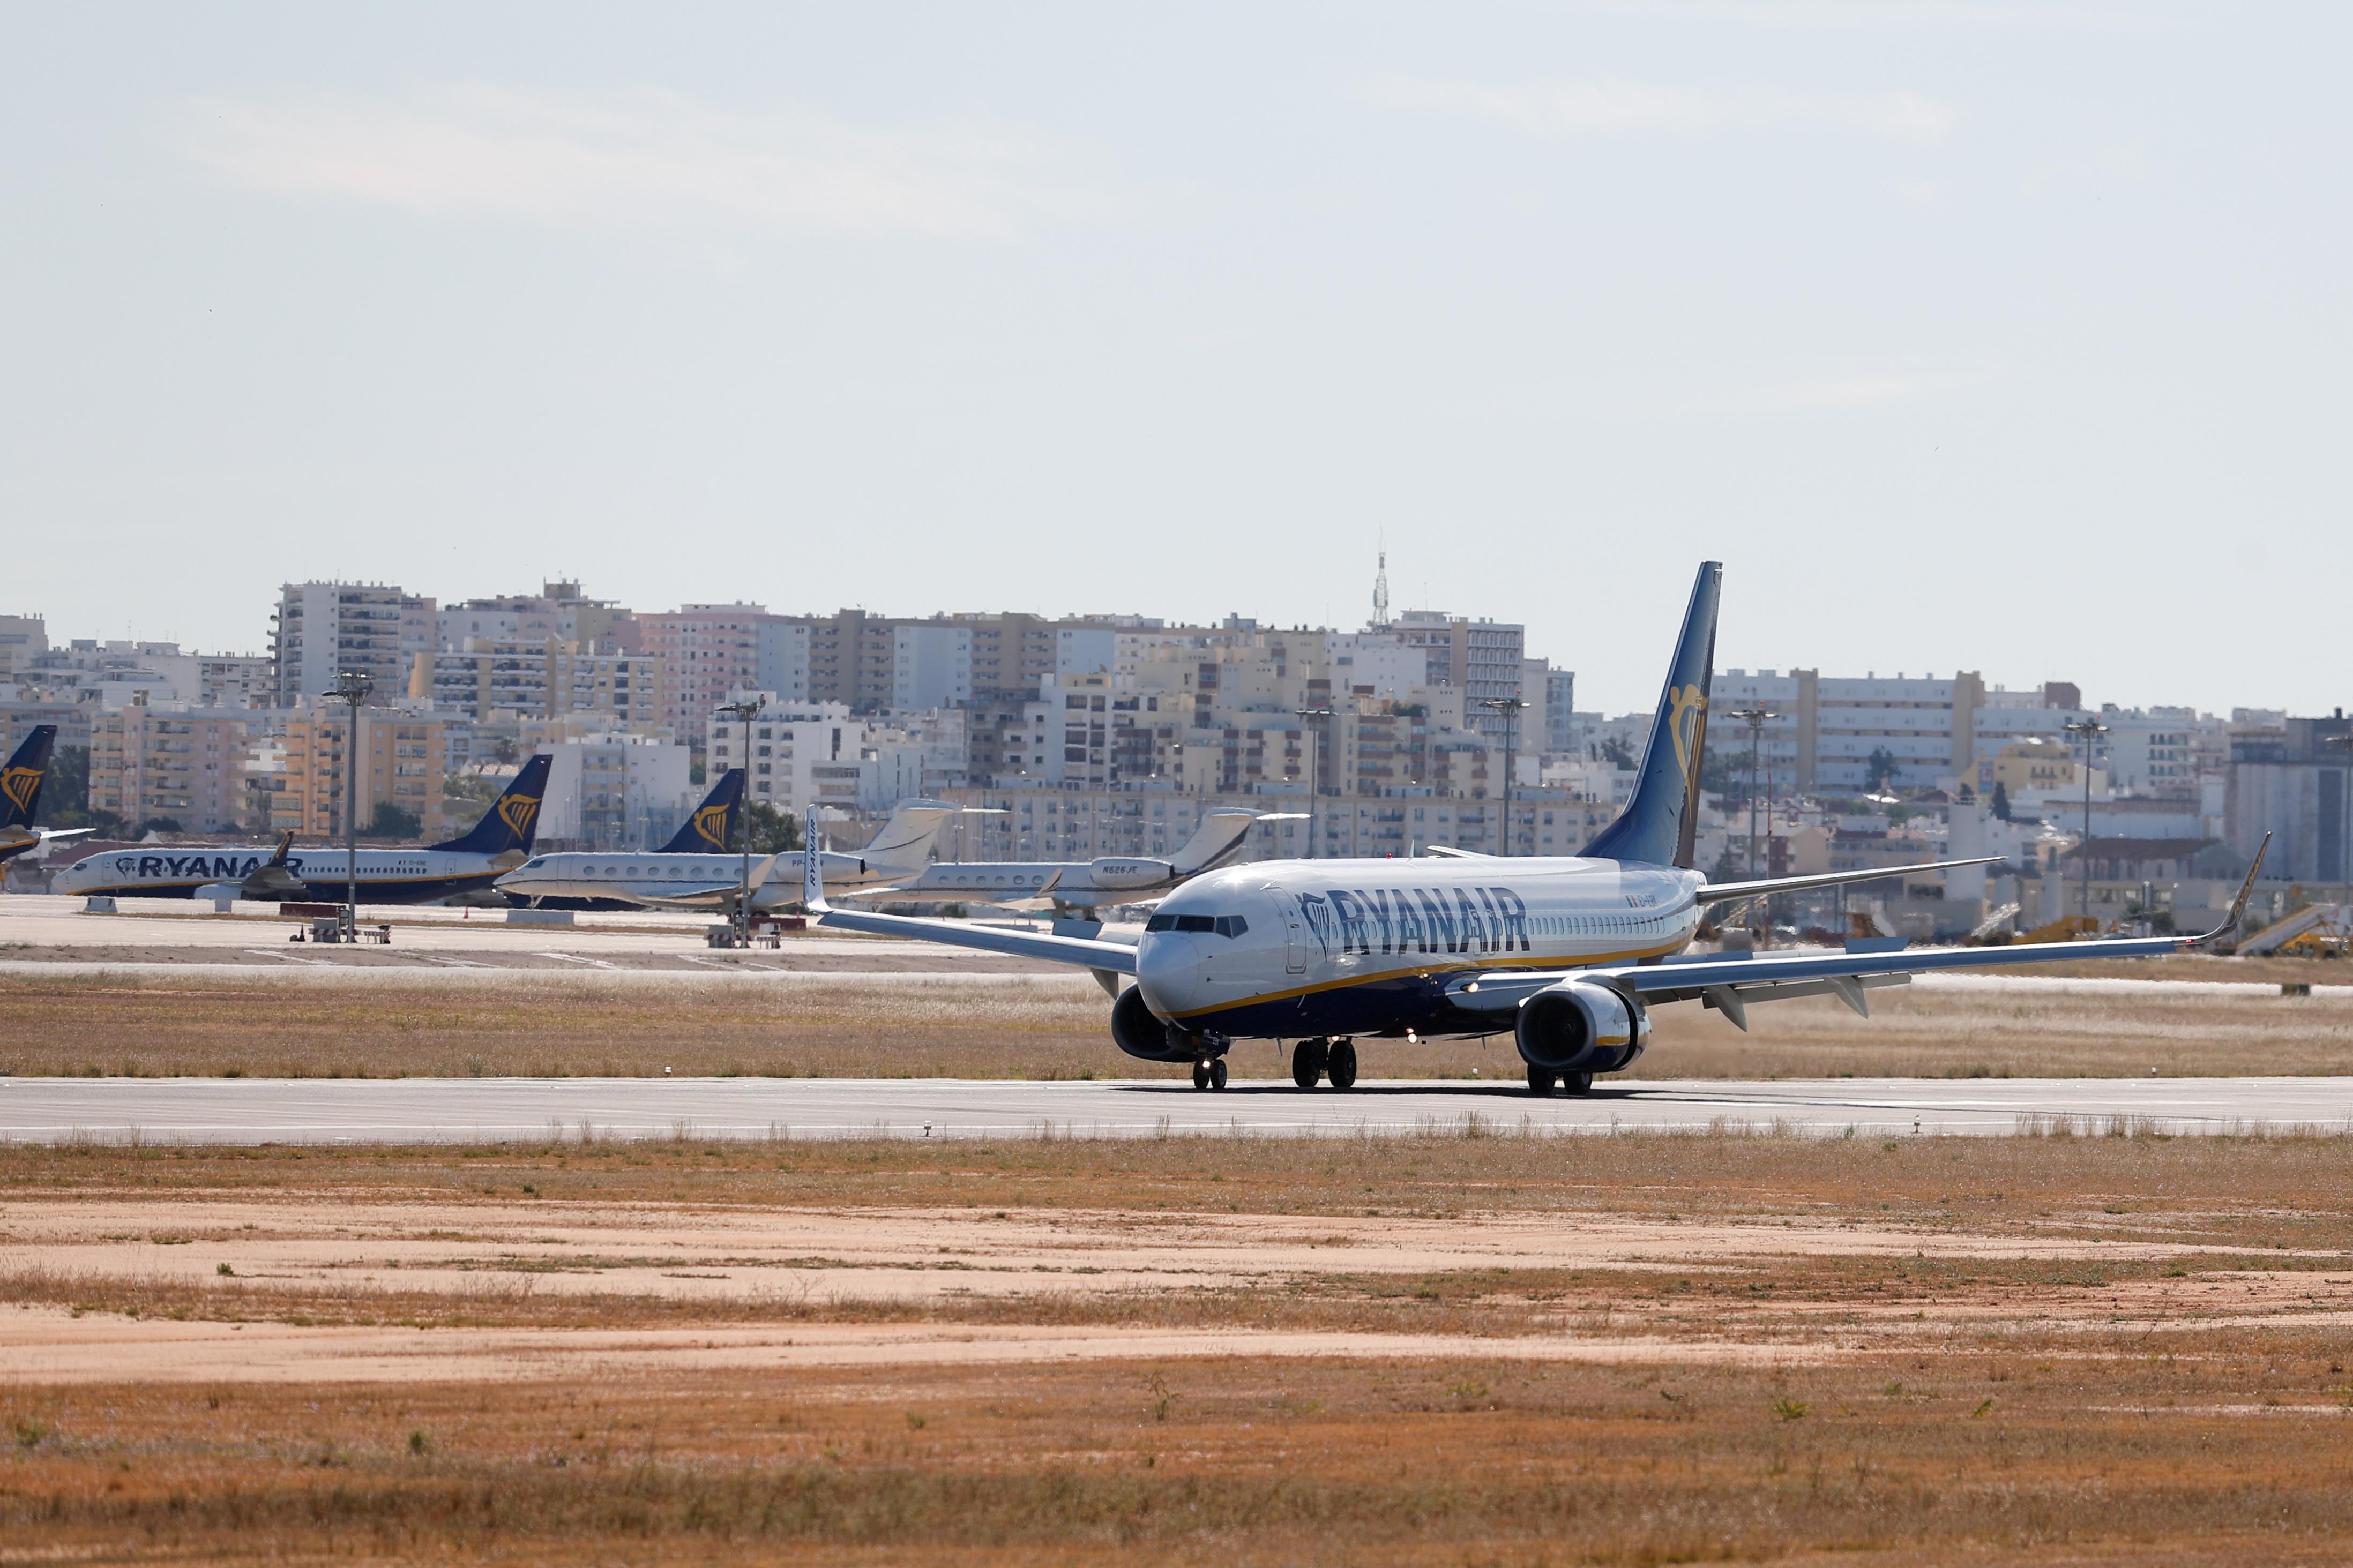 เที่ยวบิน Ryanair จากแมนเชสเตอร์มาถึงที่สนามบิน Faro ในวันแรกที่ชาวอังกฤษได้รับอนุญาตให้เข้าโปรตุเกสโดยไม่ต้องกักกันเนื่องจากข้อ จำกัด ด้านโรค coronavirus (COVID-19) ยังคงคลี่คลายใน Faro โปรตุเกส 17 พฤษภาคม 2021 REUTERS/ Pedro Nunes / ไฟล์รูปภาพ